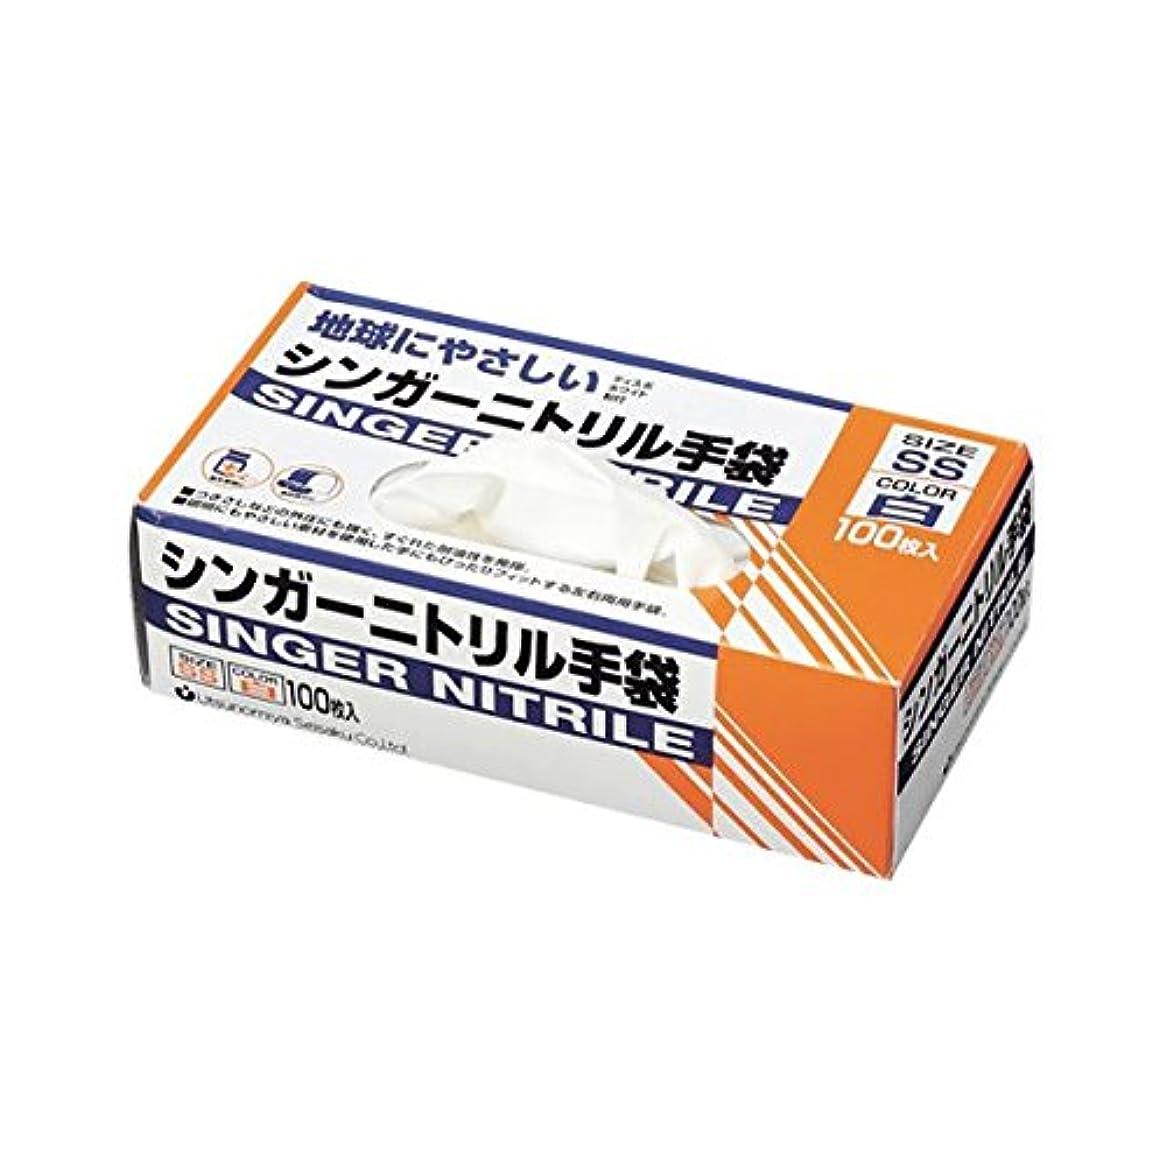 ハッピー伝染性の掘る宇都宮製作 シンガーニトリルディスポNo.100粉付き シンガーニトリル100SS 白 100枚入 ×2セット